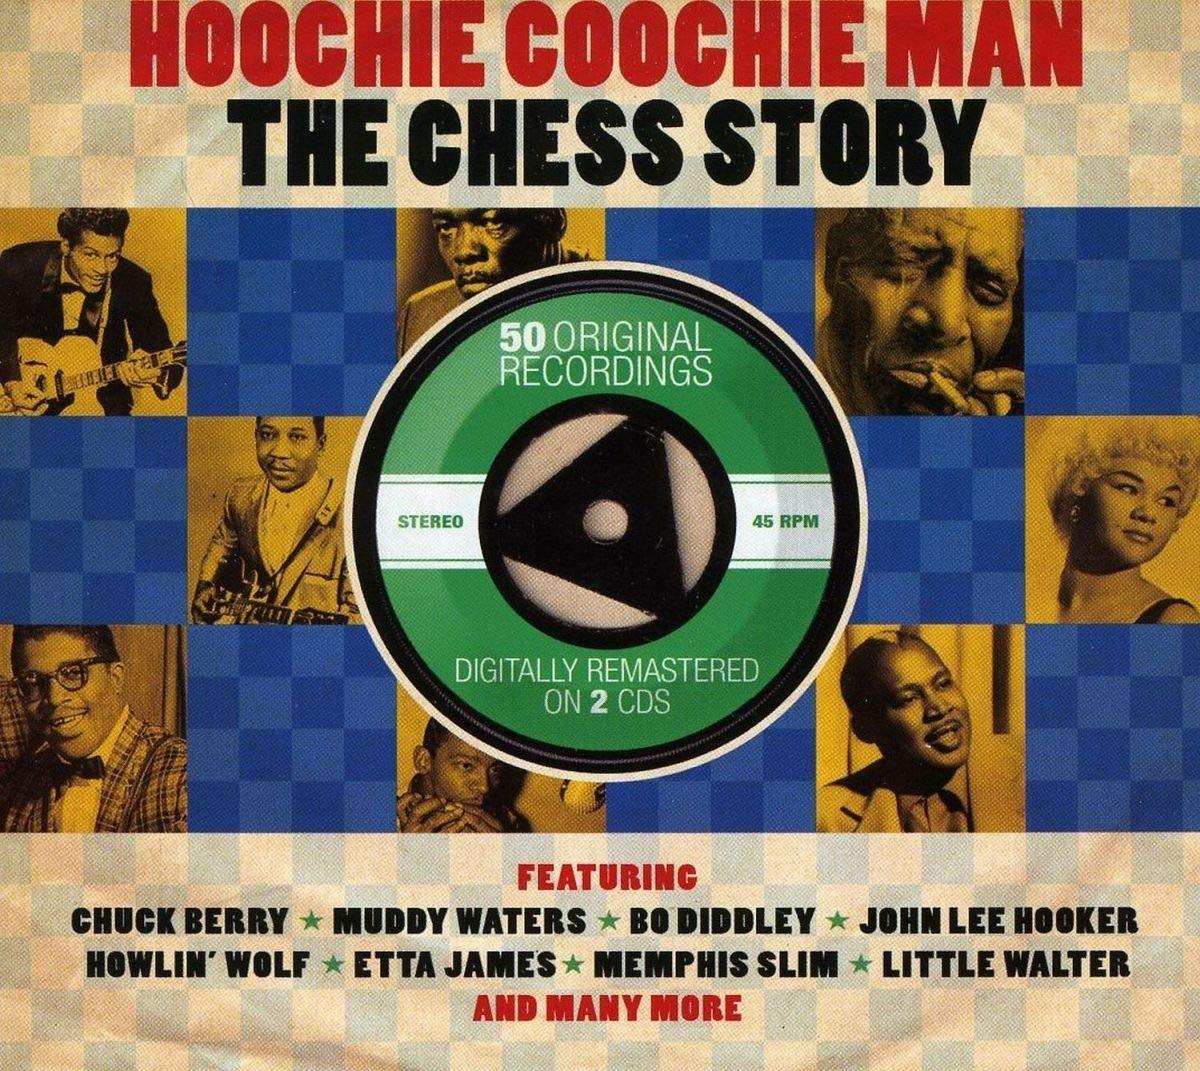 Hoochie Coochie Man